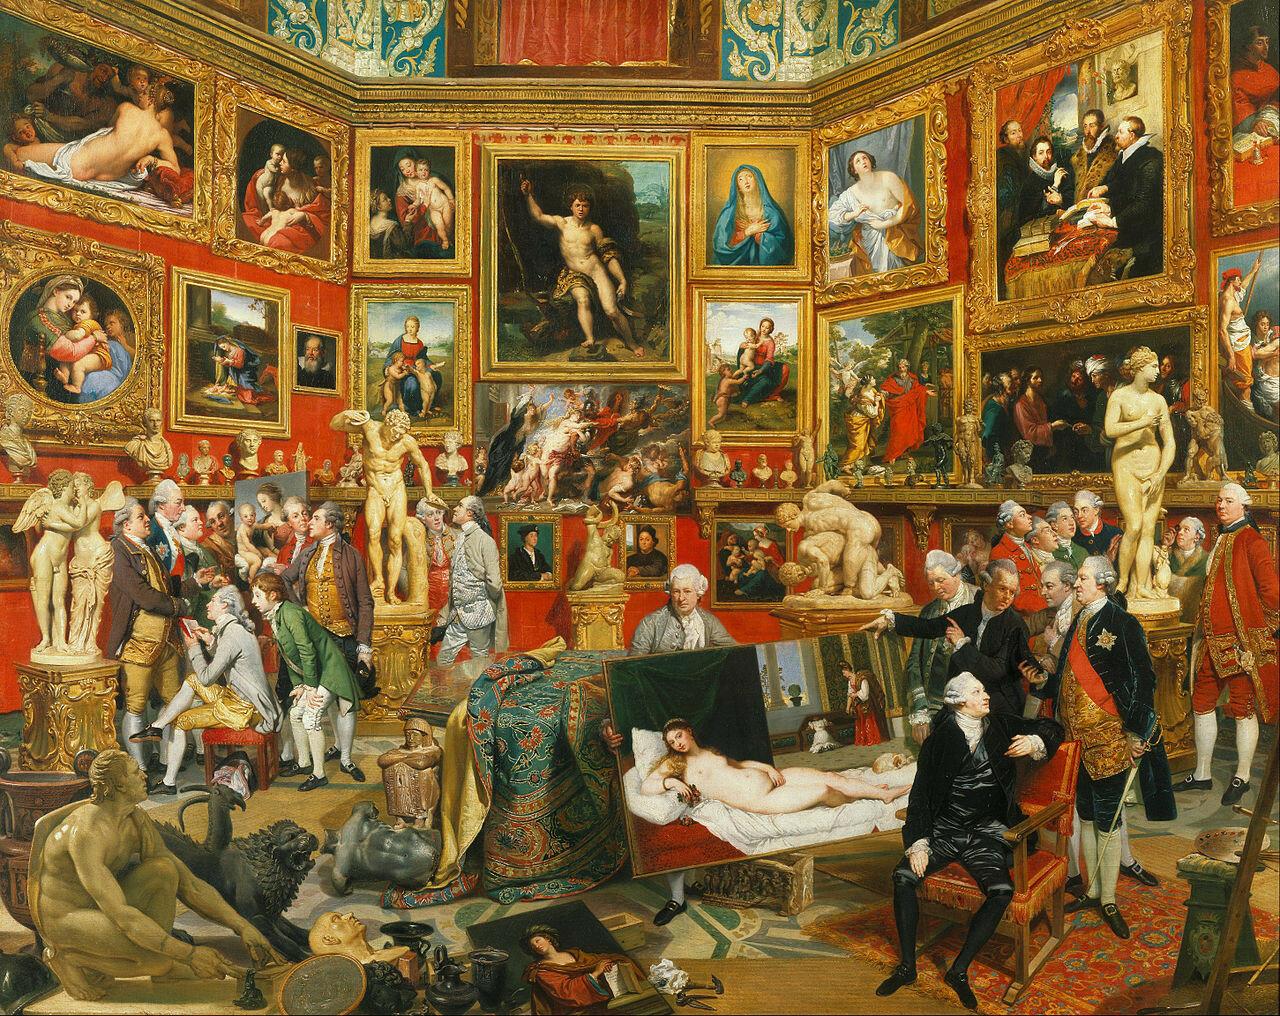 1280px-Johan_Zoffany_-_Tribuna_of_the_Uffizi_-_Google_Art_Project 1772-1777.jpg